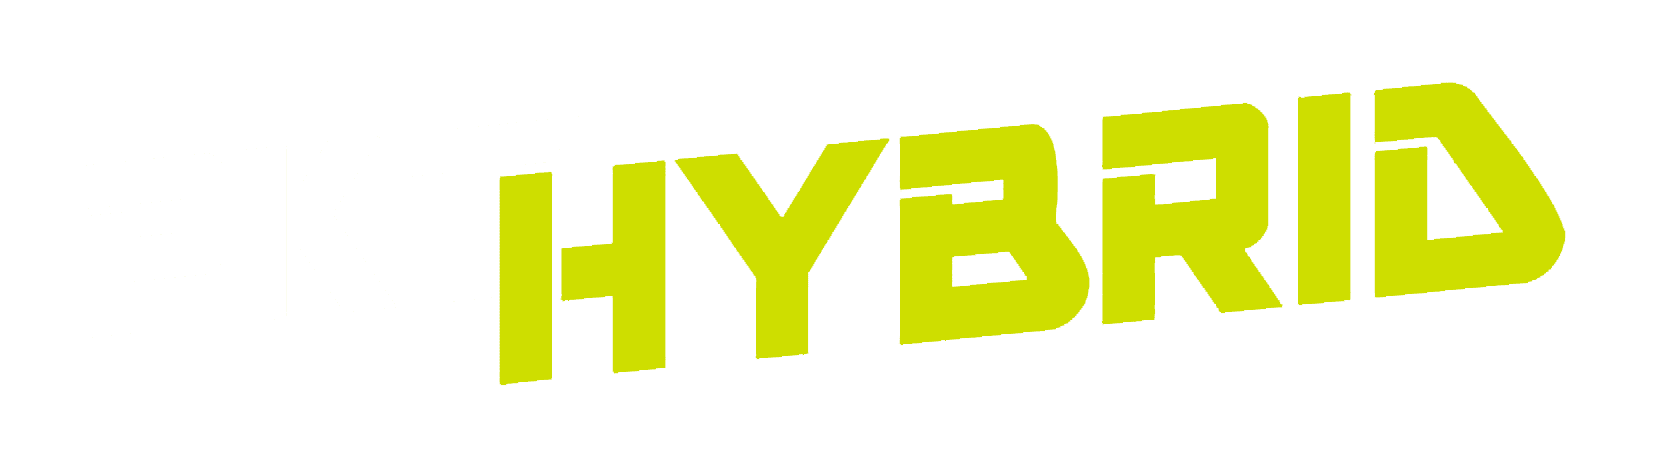 PKT Hybrid